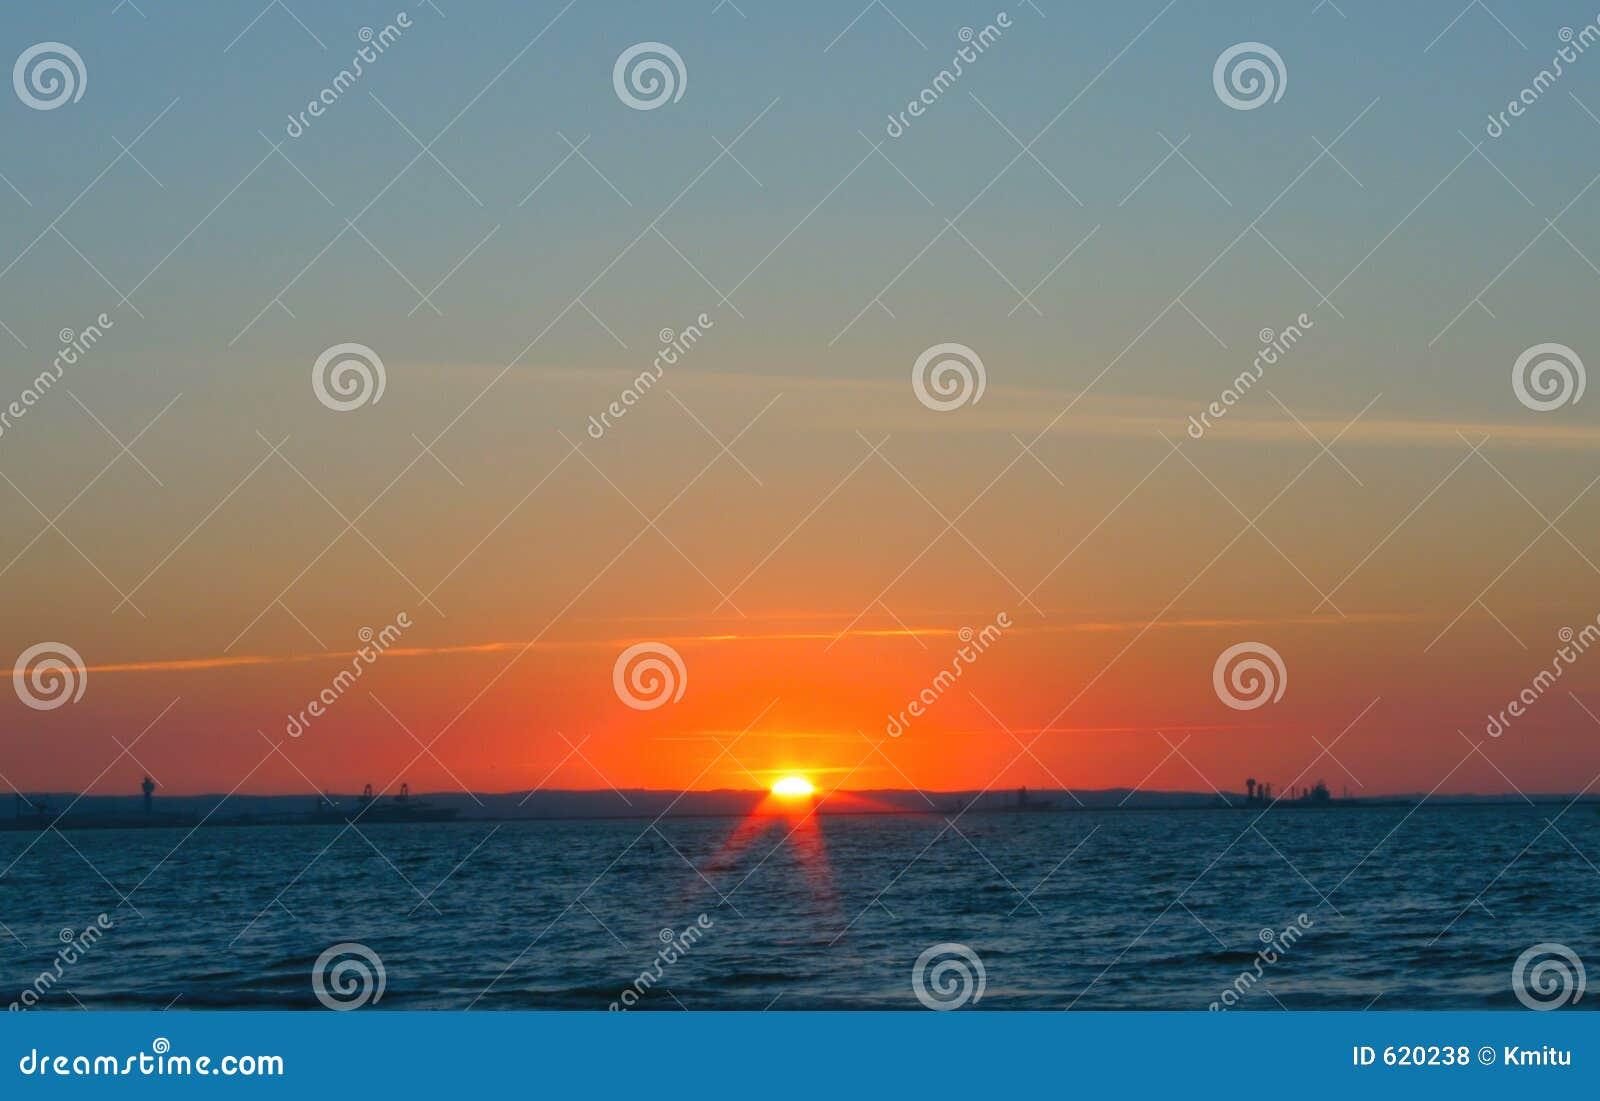 Eenvoudige schitterende zonsondergang